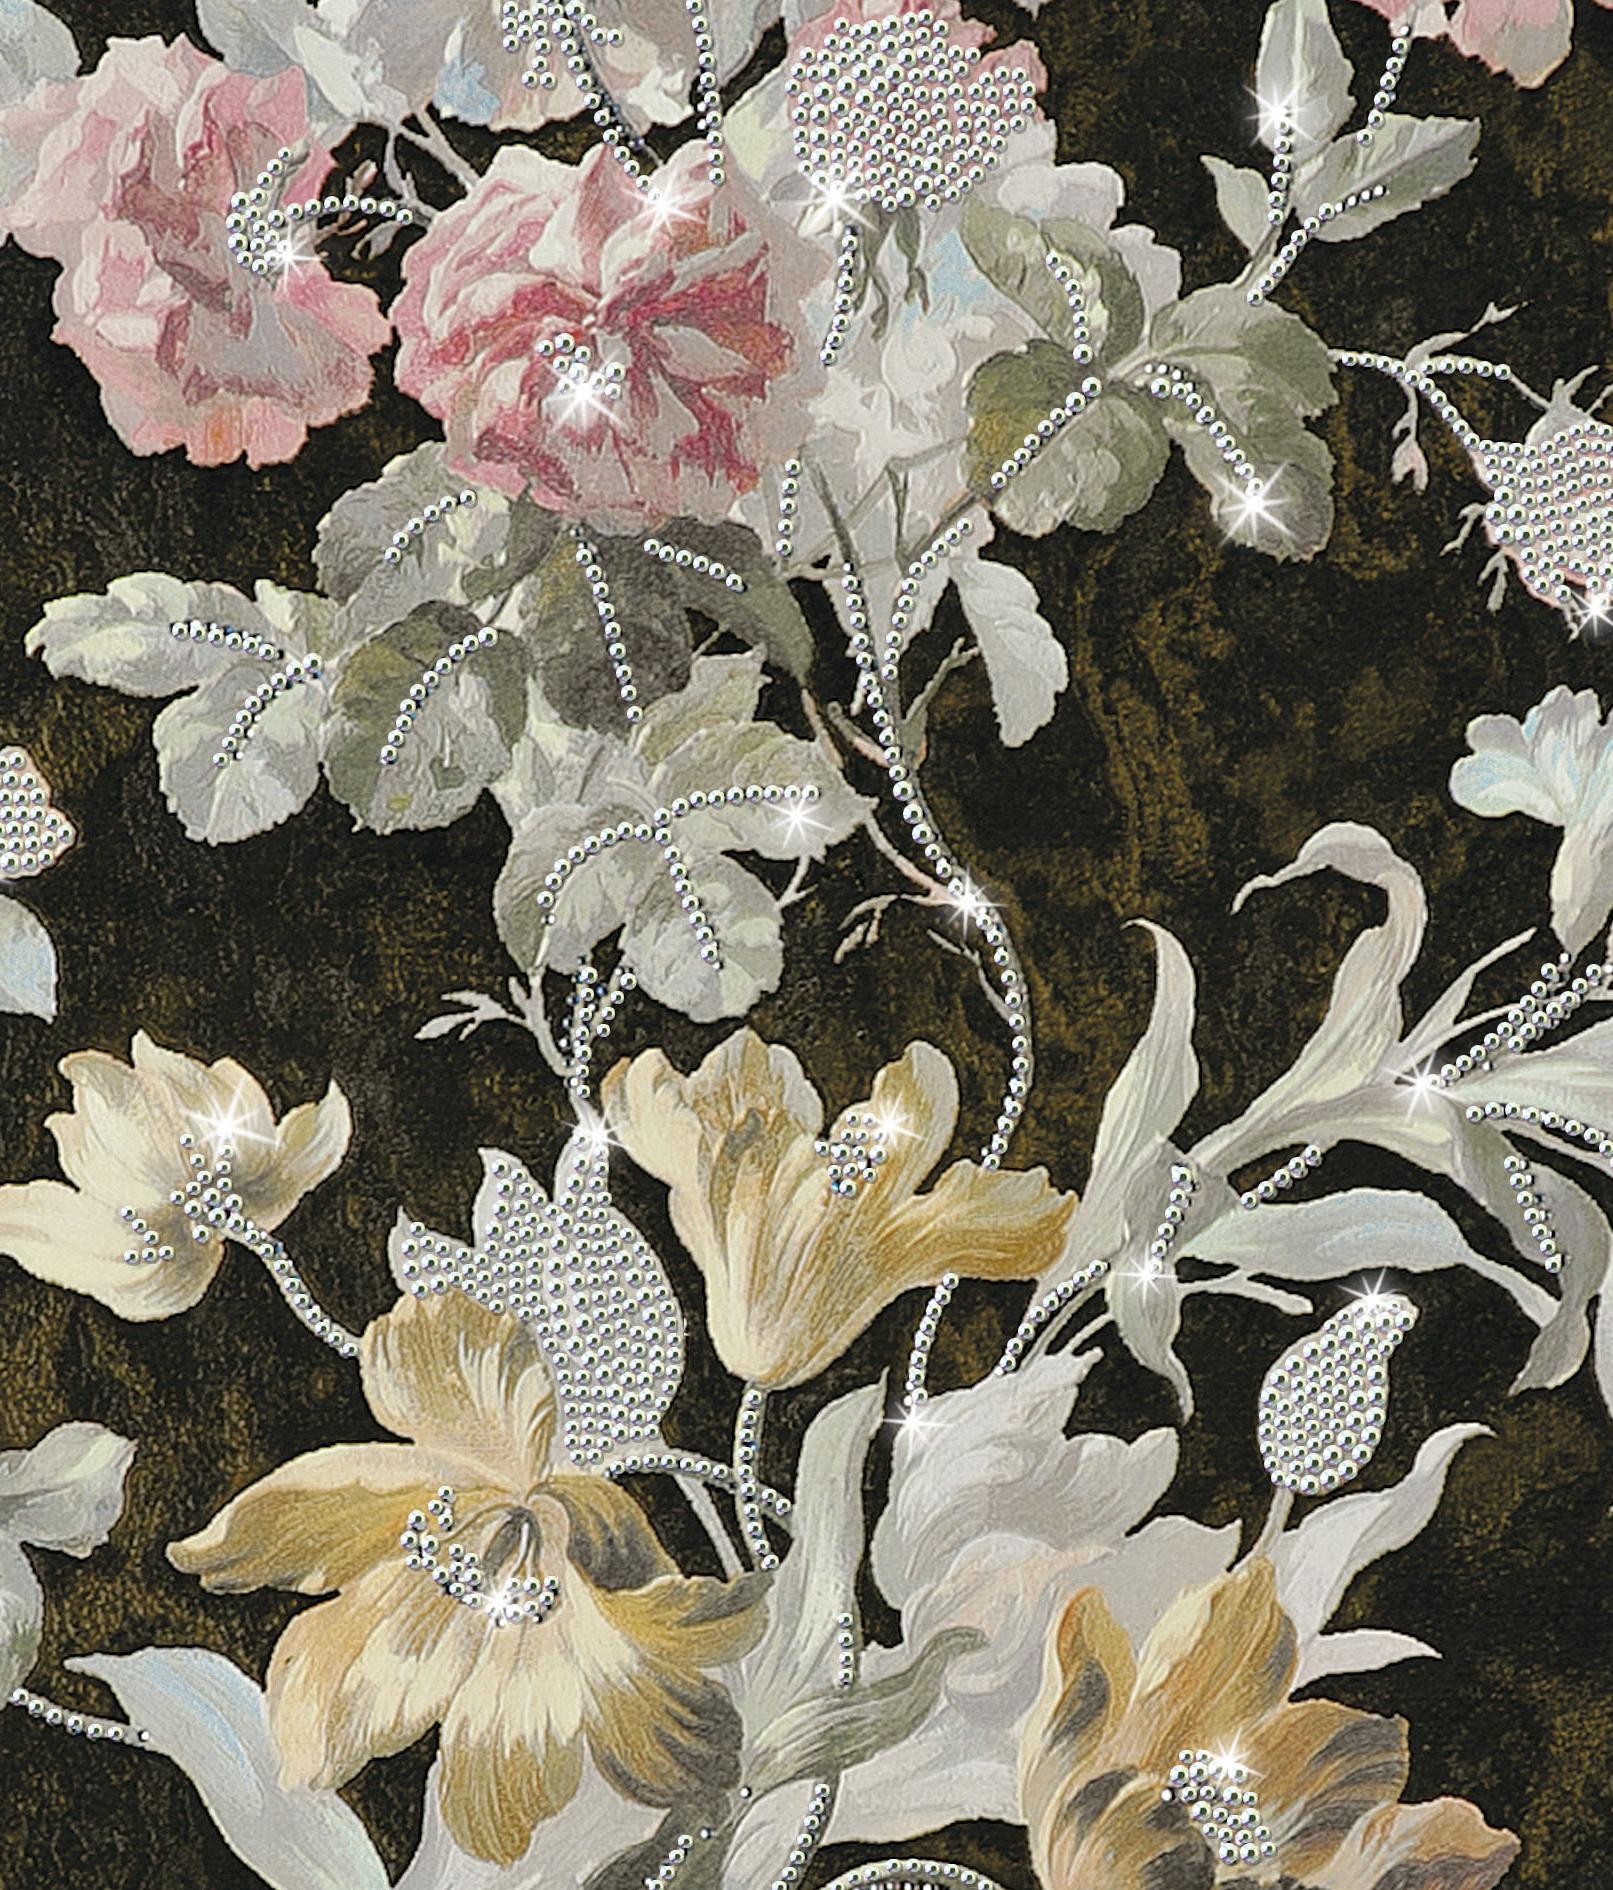 El lujo en el papel pintado dise ado por roberto cavalli for Catalogos de papel pintado